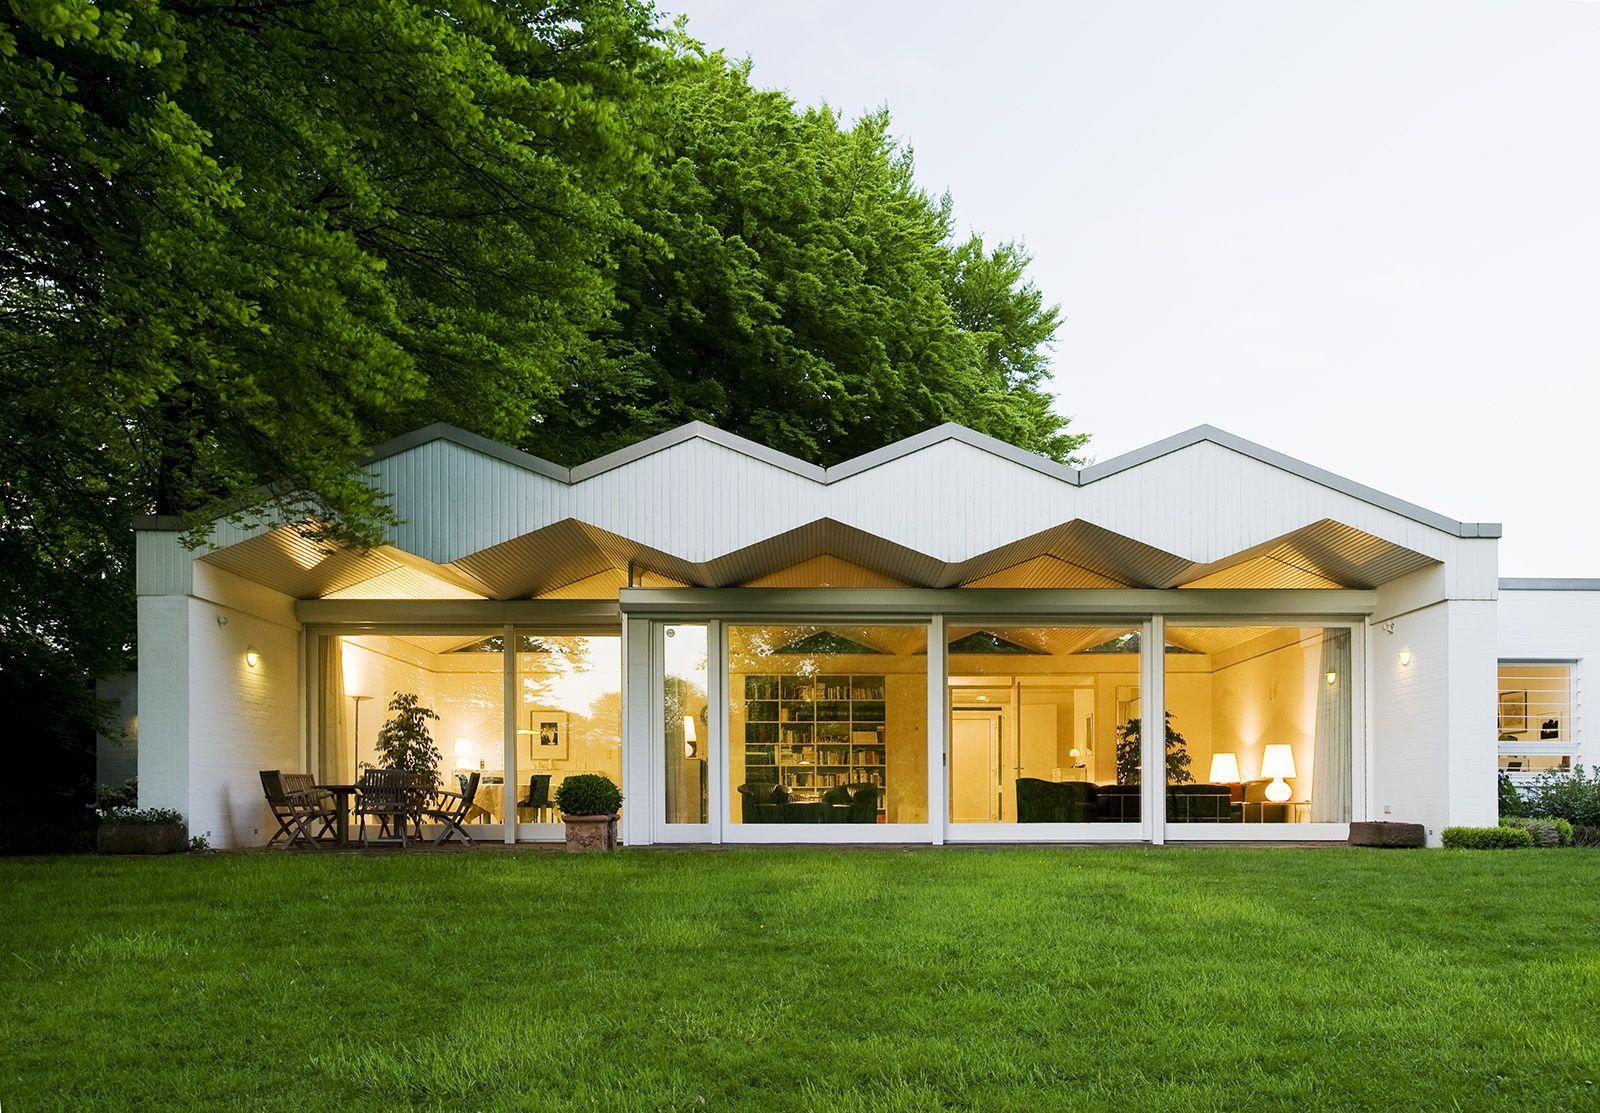 Bungalow In Moers Architekturfoto Von Mark Wohlrab Arch Walter Brune Barrierefreies Wohnen Erstaunliche Architektur Barrierefreies Bauen